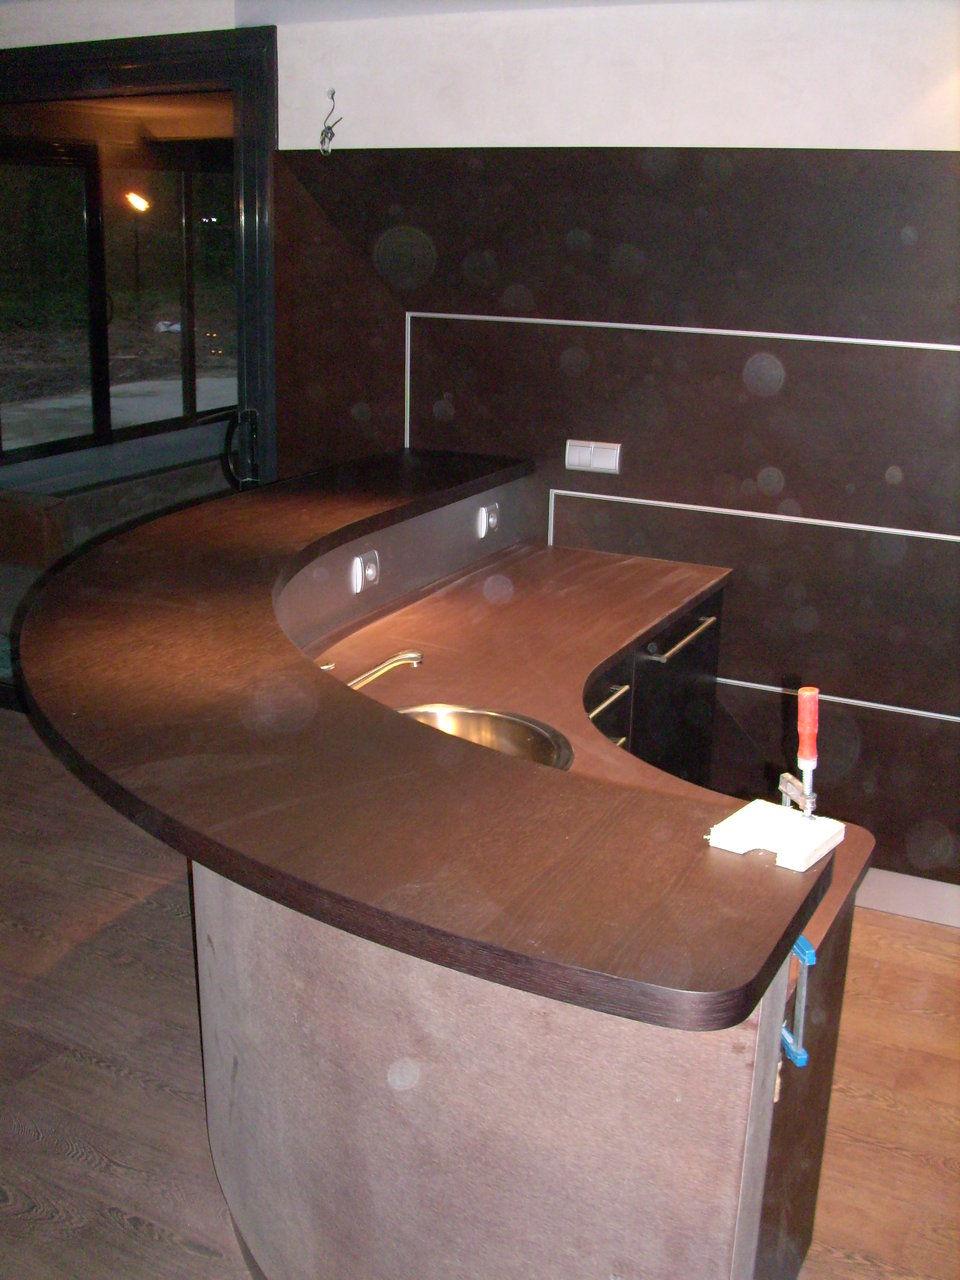 sarl souza juimares dufour. Black Bedroom Furniture Sets. Home Design Ideas